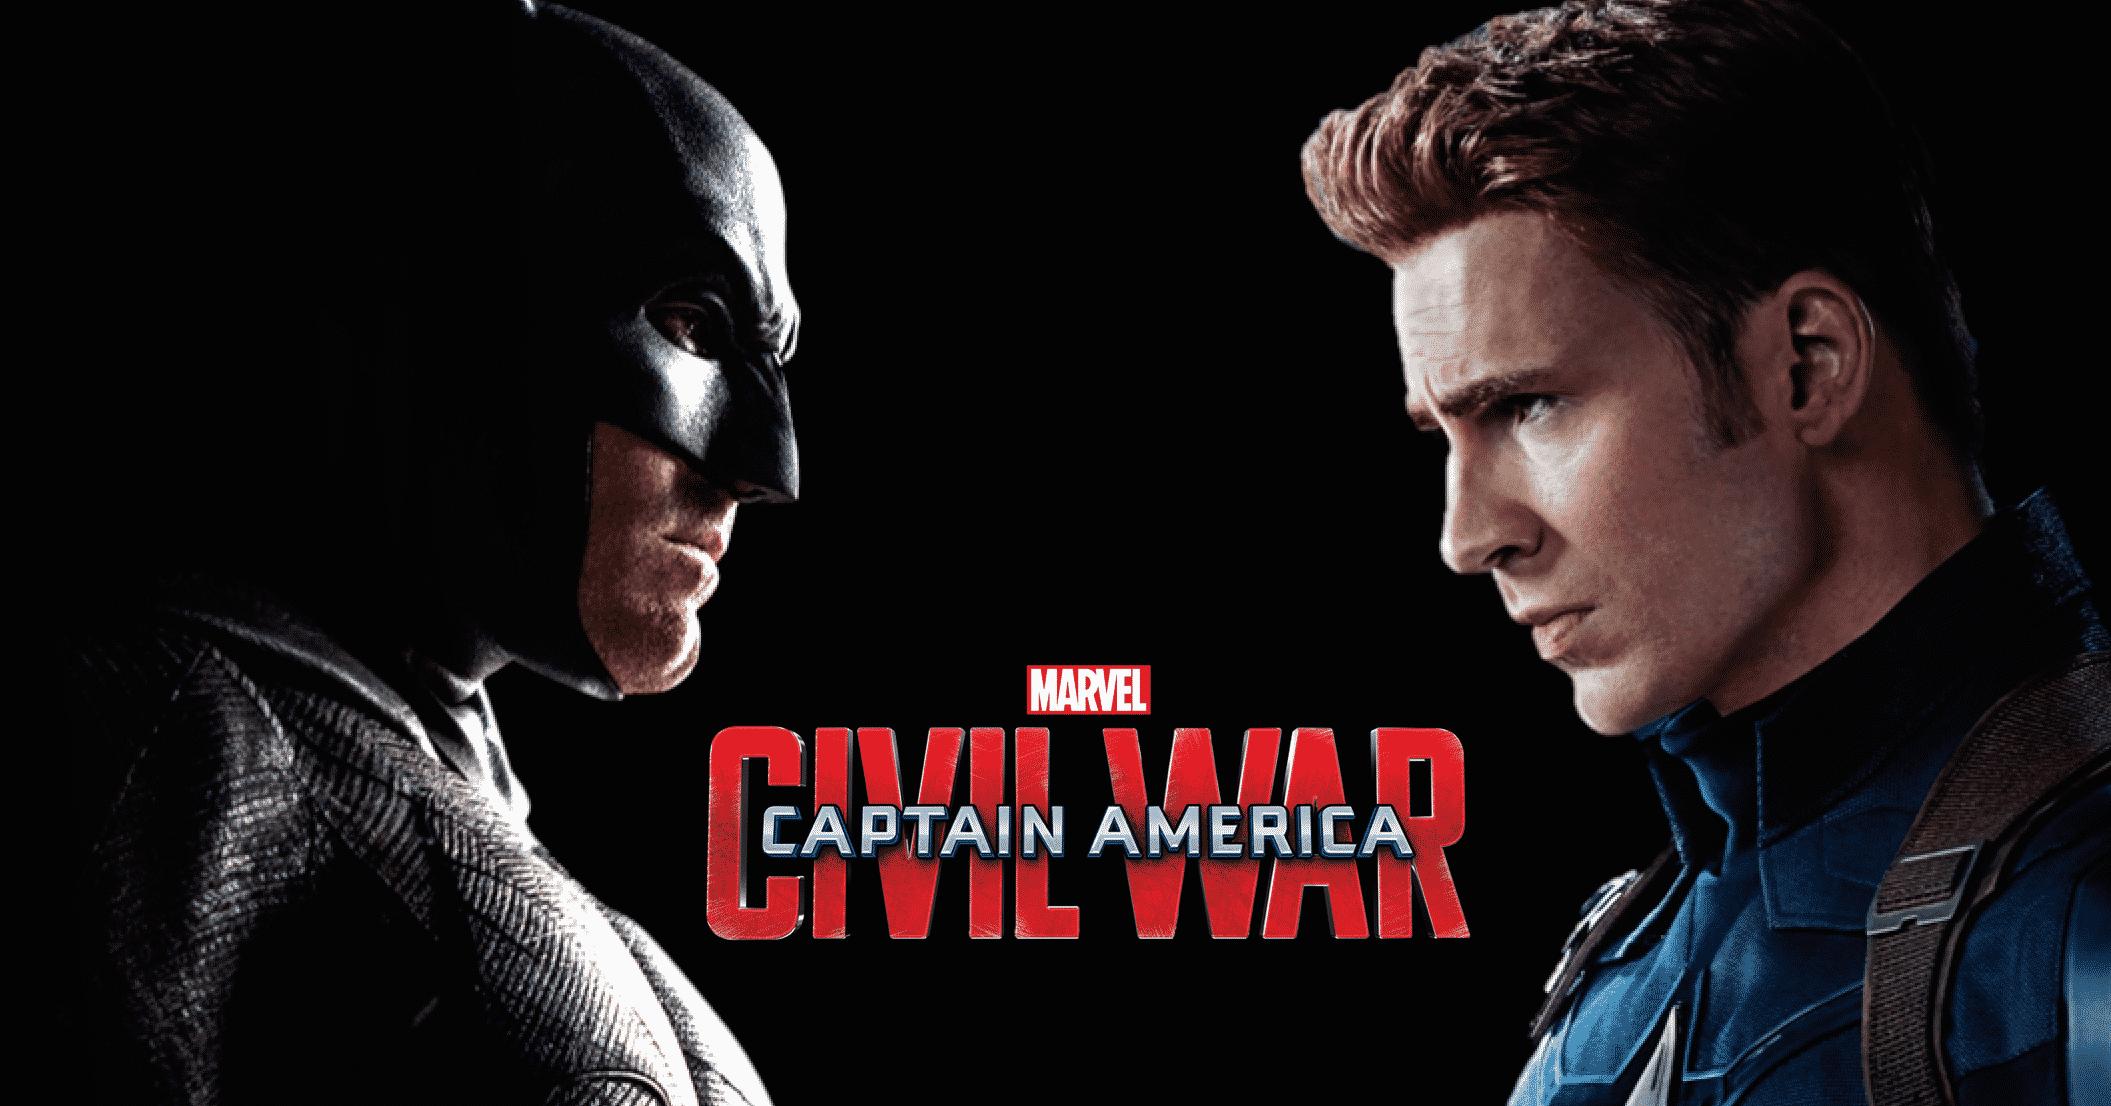 Batman v Superman, Captain America: Civil War